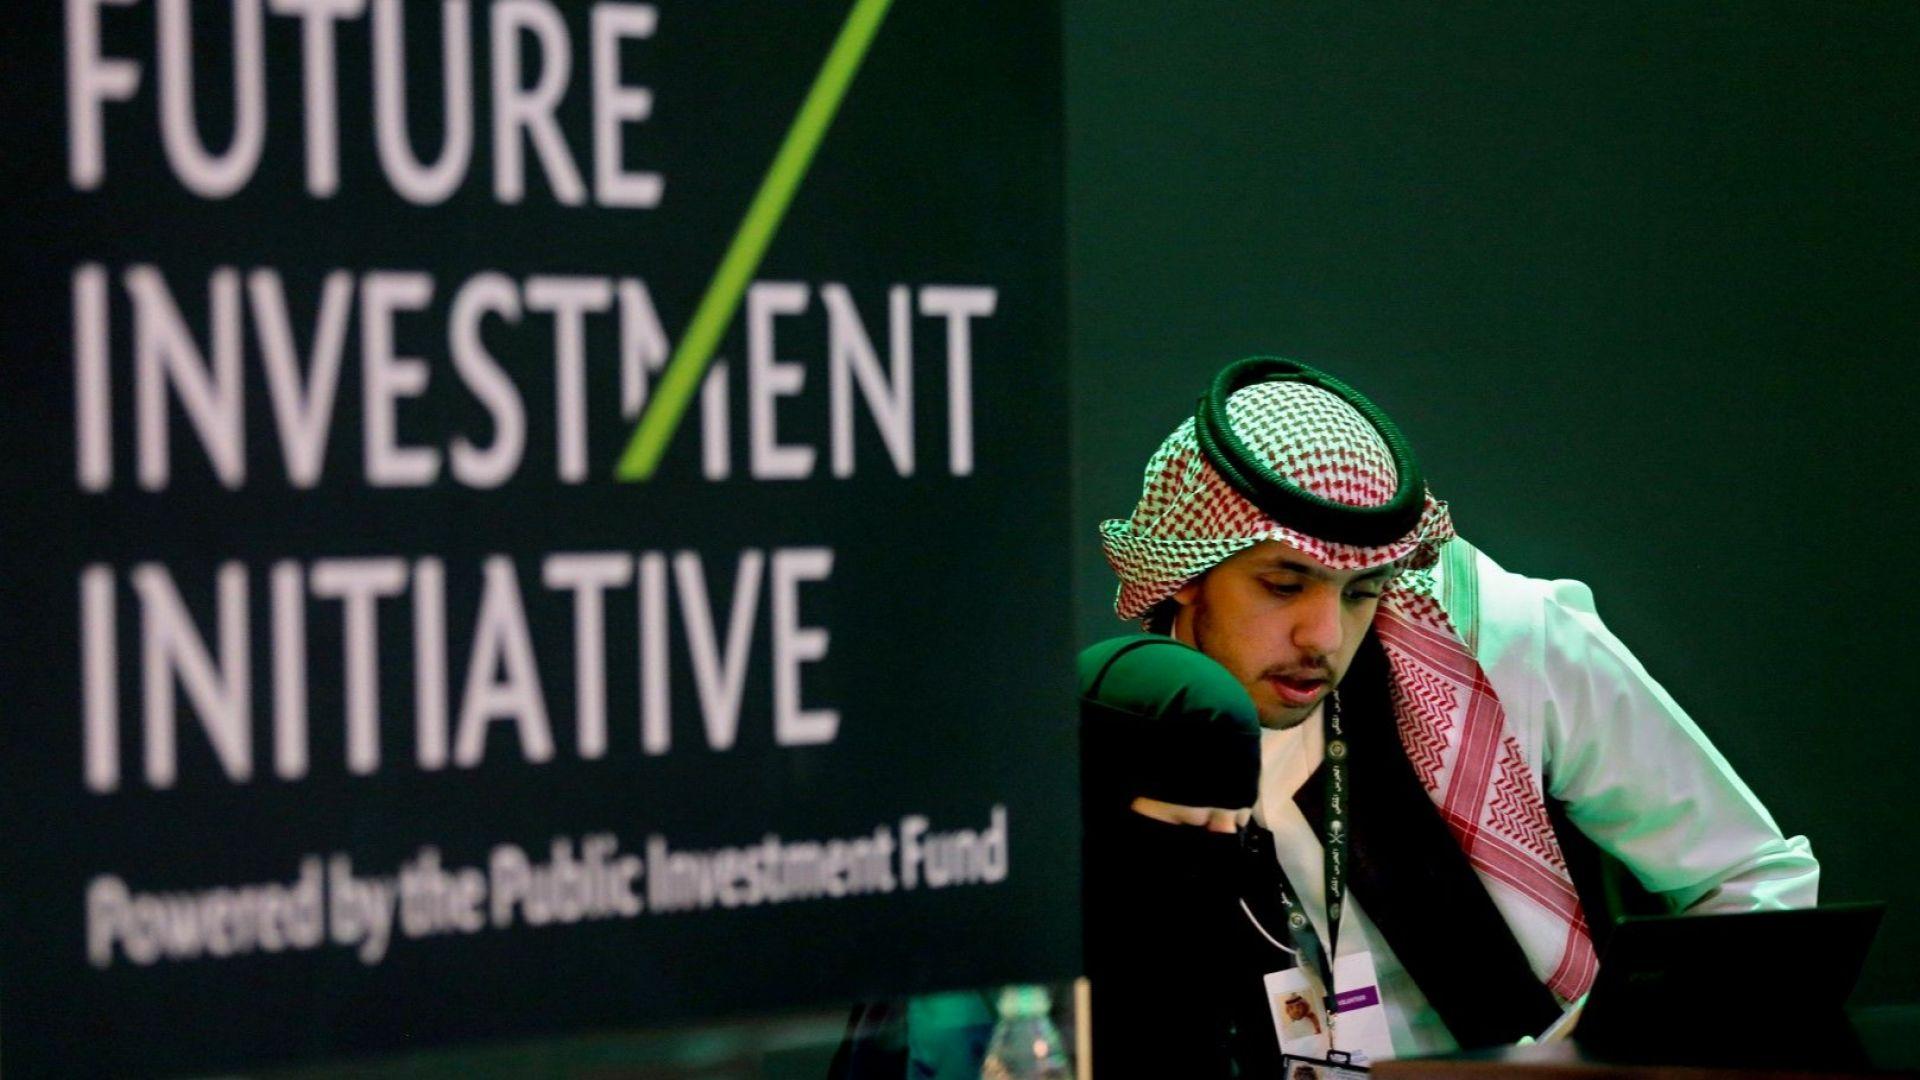 Рияд инвестира 20 милиарда долара в изкуствен интелект